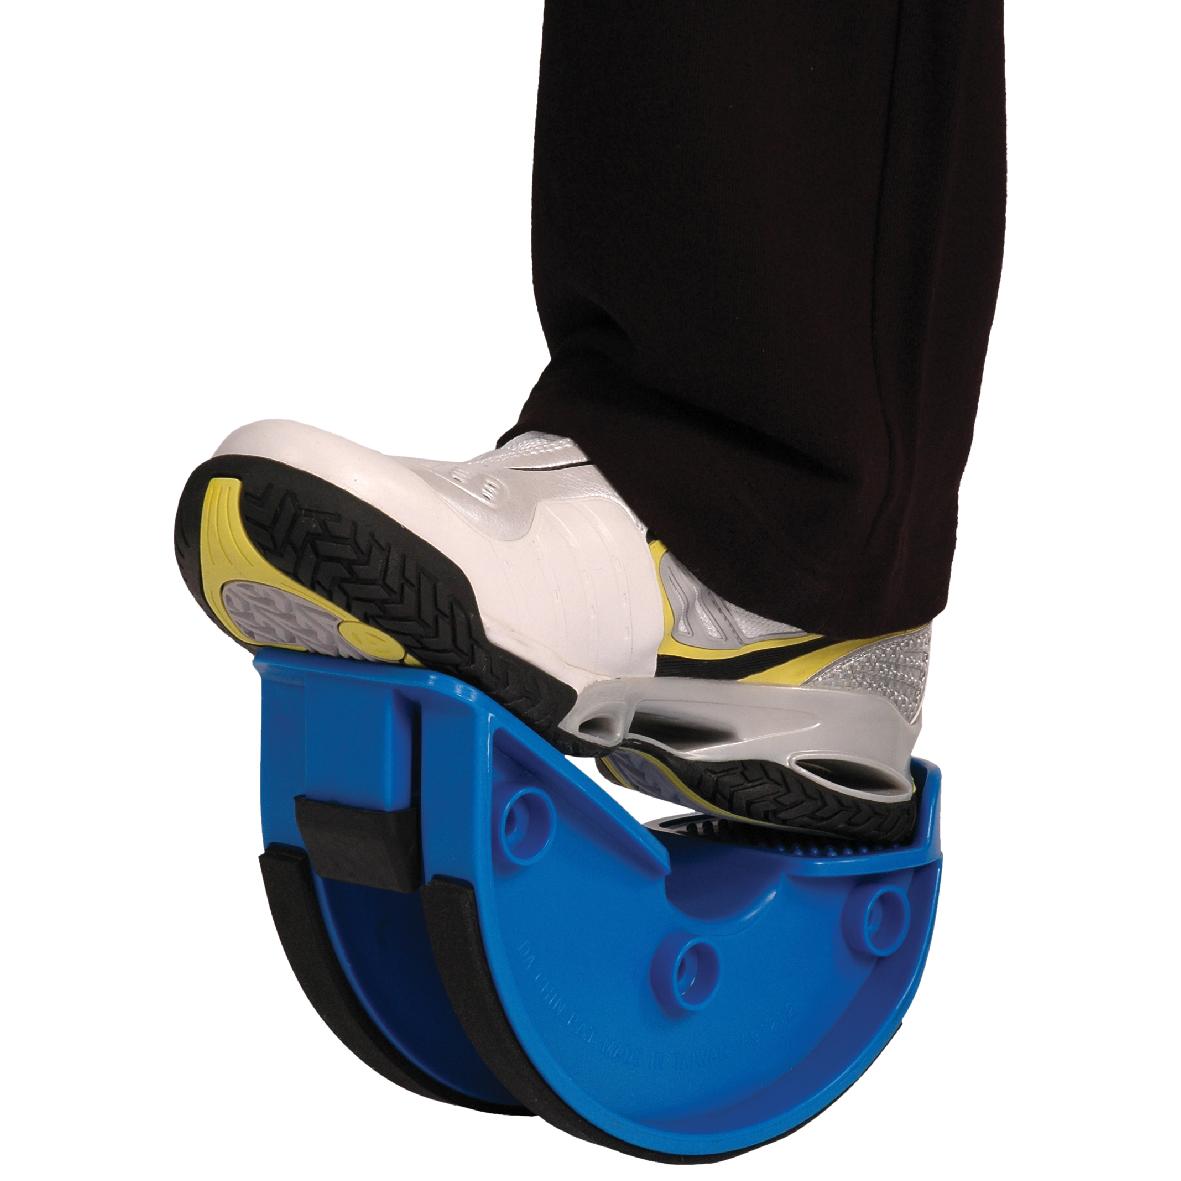 L'appareilpro Stretch est un outil fantastique, simple et transportable pour étirer les muscles inférieurs de vos jambes. Il est parfait pour l'échauffement et la récupération. L'utilisation du Mambo Max Fit Stretch améliore la souplesse de la cheville, du tibia et du mollet. Il est constitué d'un plastique moulé durable et inclut un tapis antidérapant.